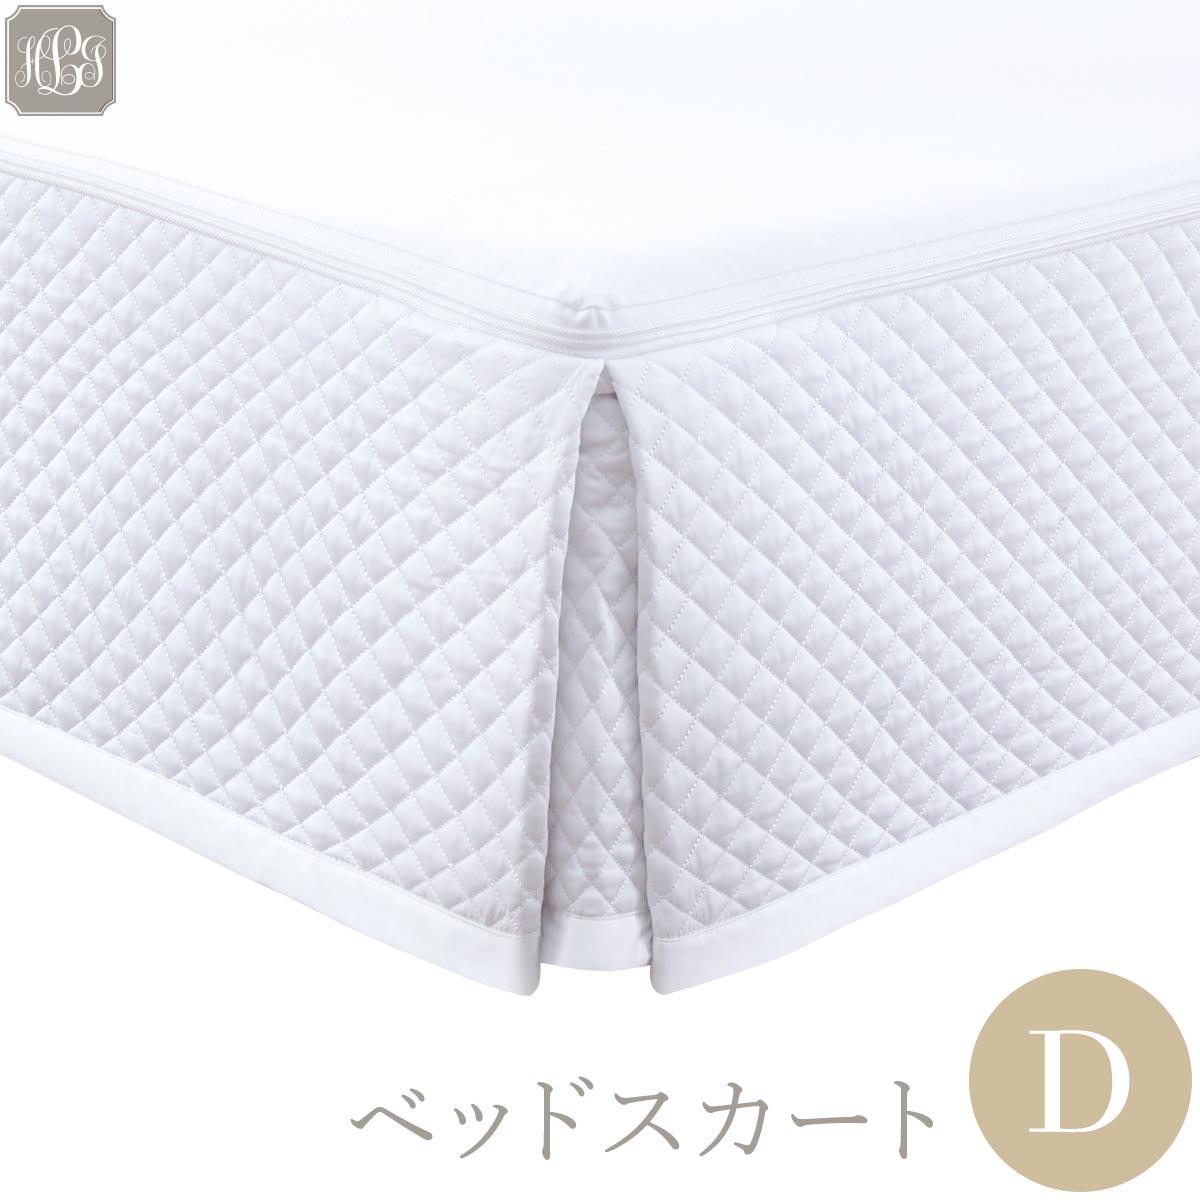 ベッドスカート | ダブル | 140cm x200cm | 高さ25cm | 400TC ダイアモンドキルトベッドスカート 送料無料